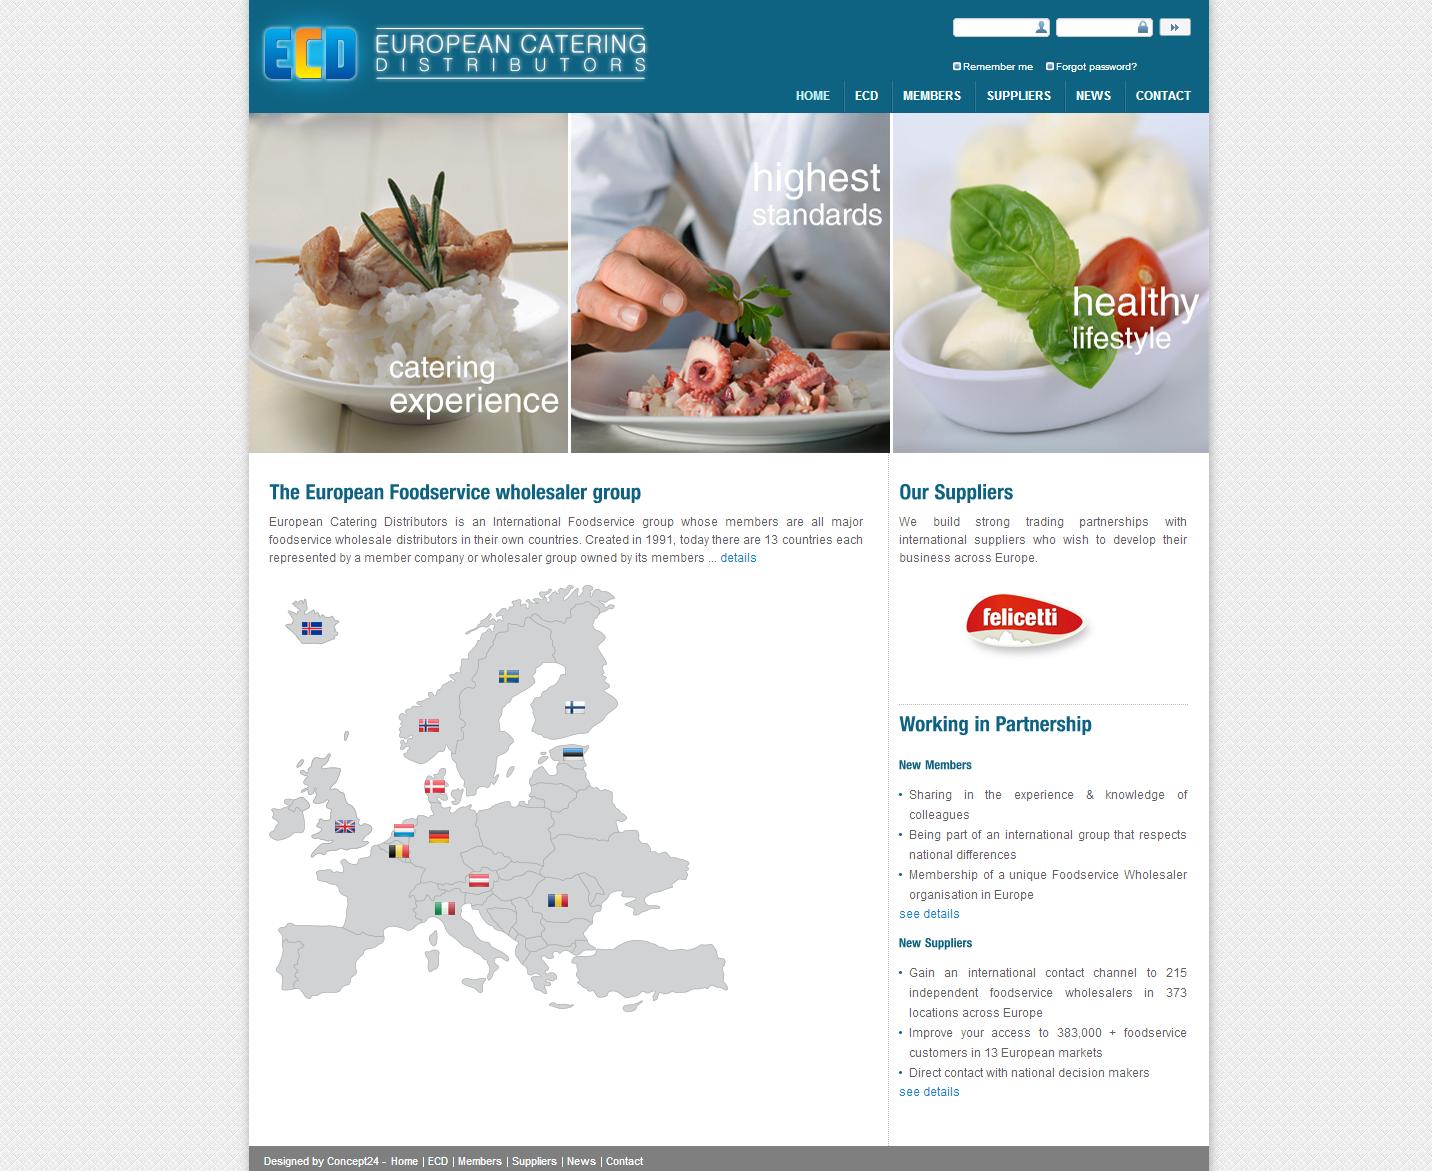 European Catering Distributors